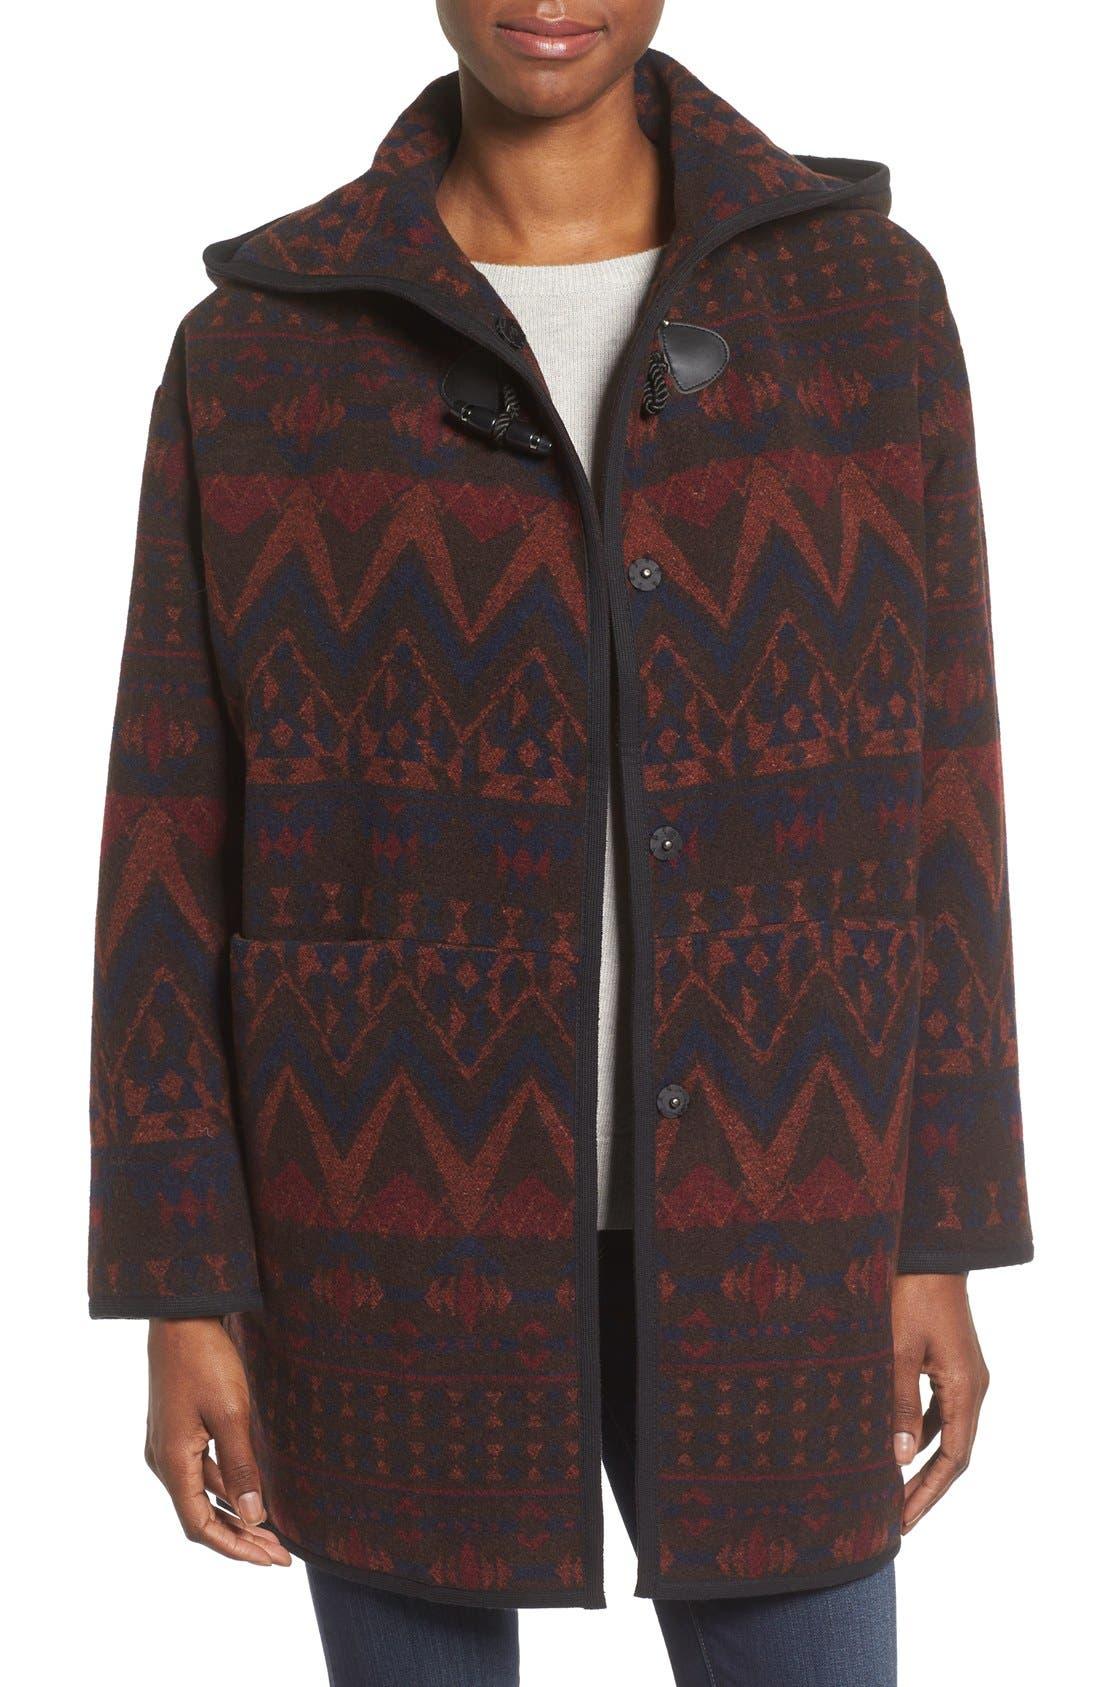 Alternate Image 1 Selected - kensie Teddy Duffle Coat